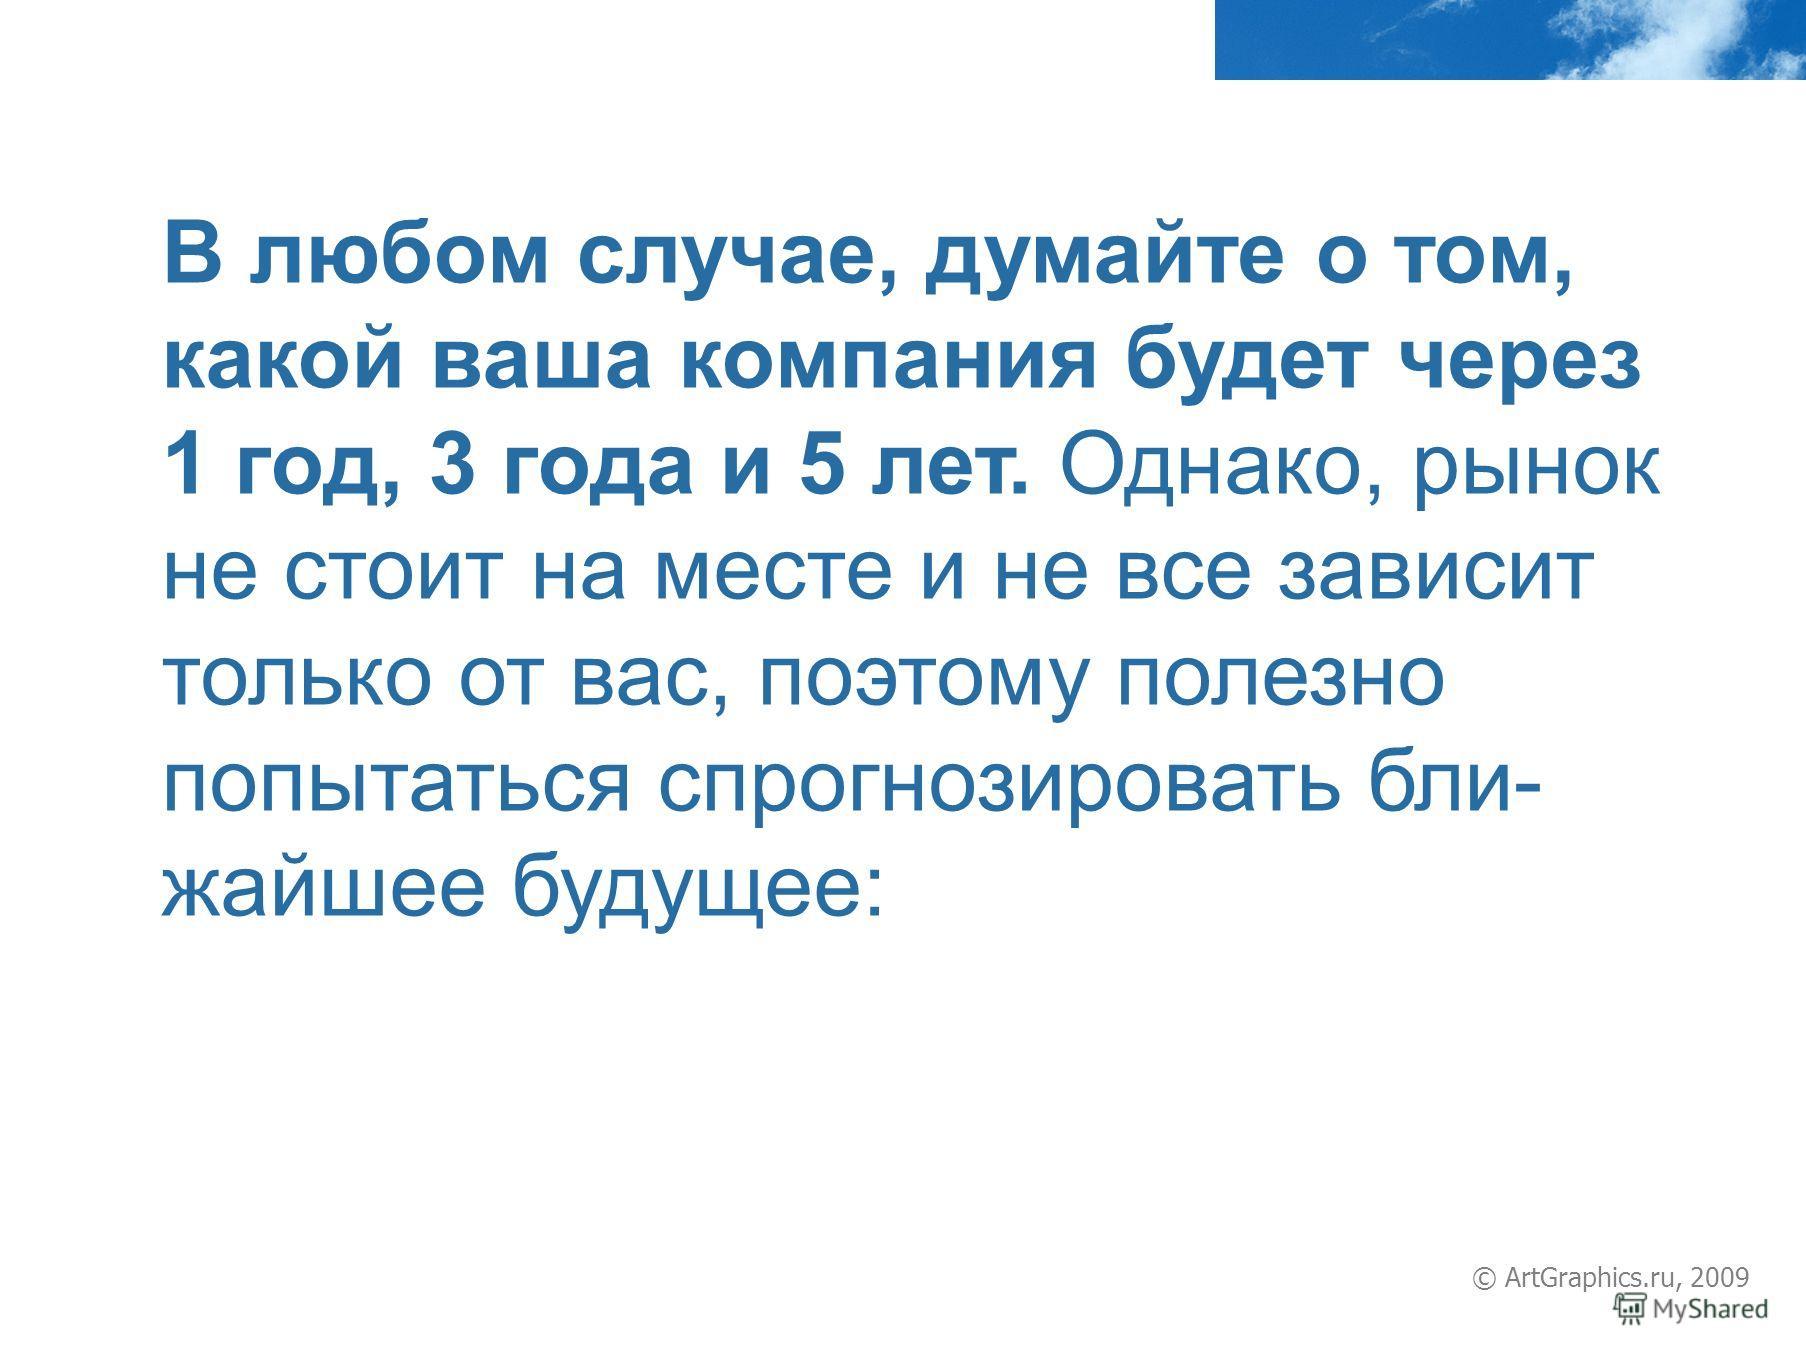 © ArtGraphics.ru, 2009 В любом случае, думайте о том, какой ваша компания будет через 1 год, 3 года и 5 лет. Однако, рынок не стоит на месте и не все зависит только от вас, поэтому полезно попытаться спрогнозировать ближайшее будущее: